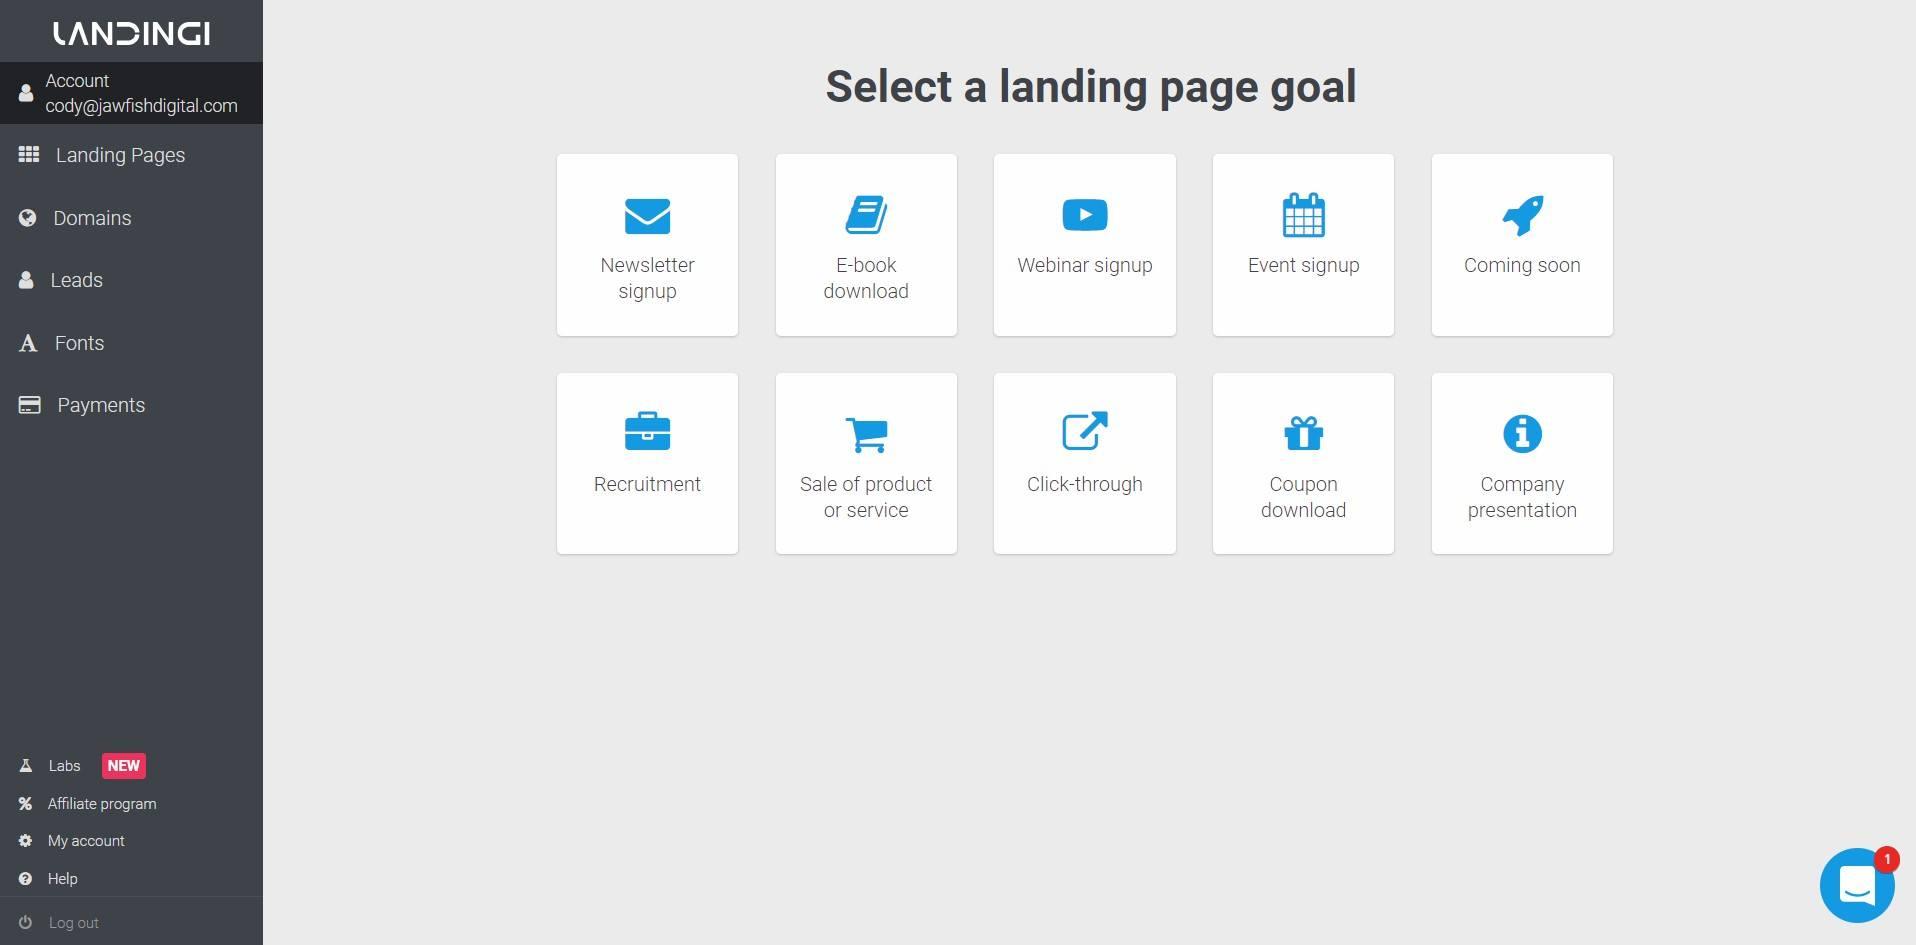 Landingi Landing Page Platform Goals